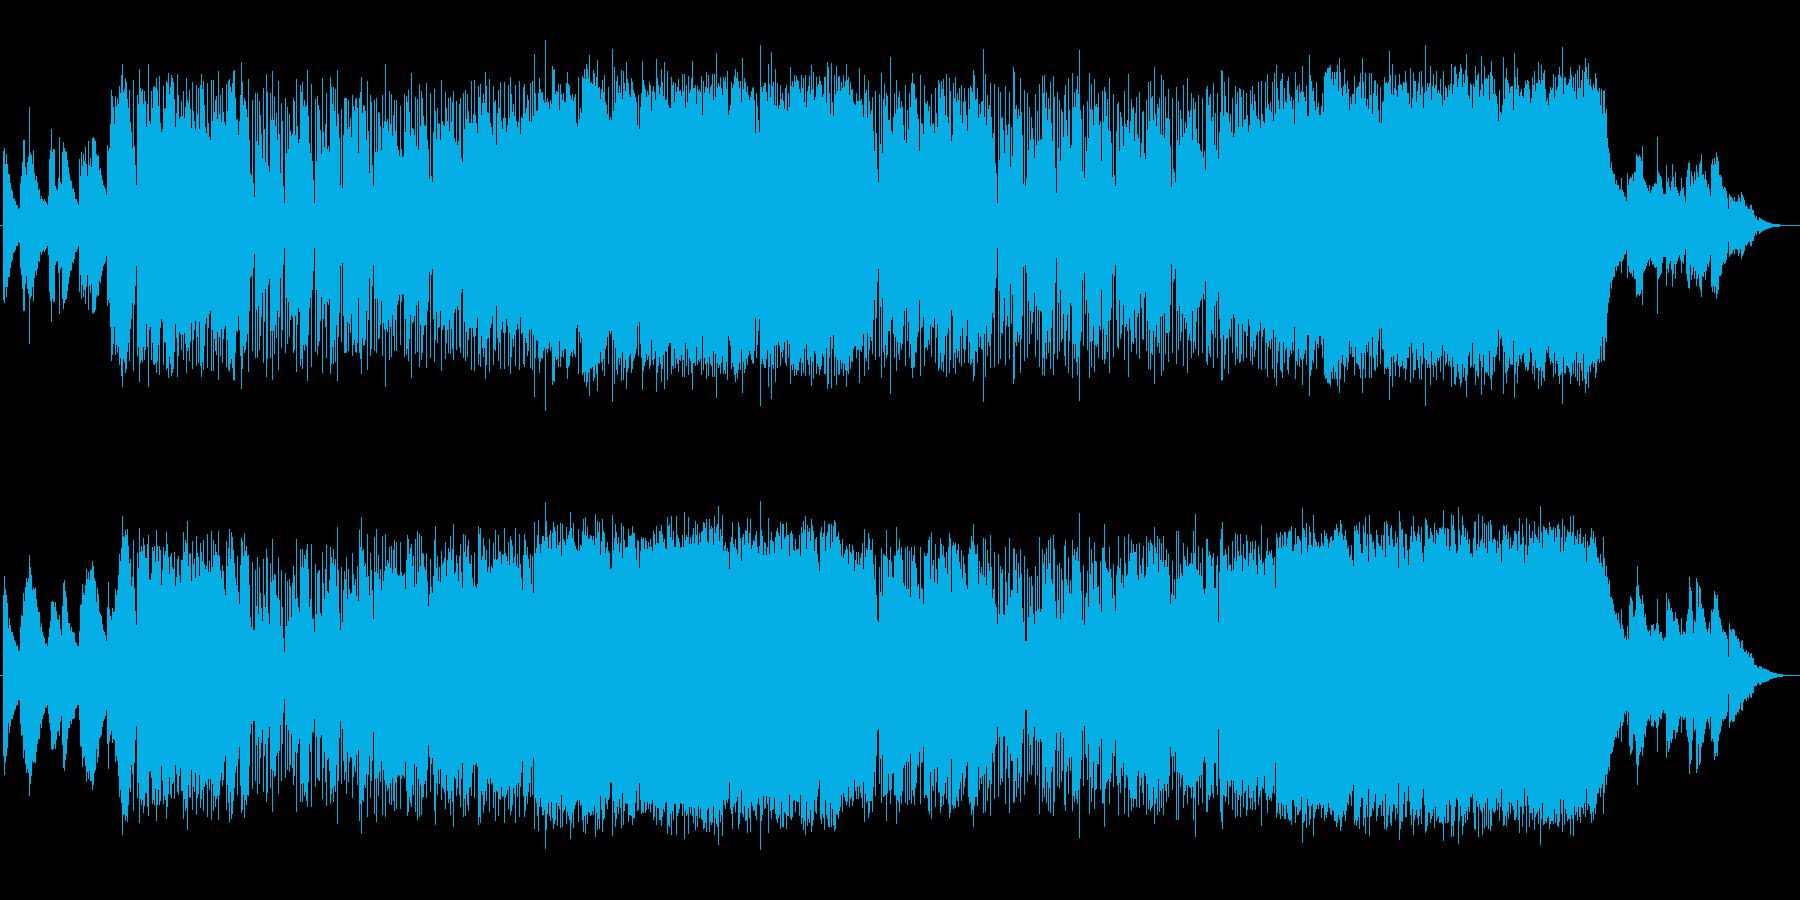 前向きな気持ちになるピアノポップスの再生済みの波形